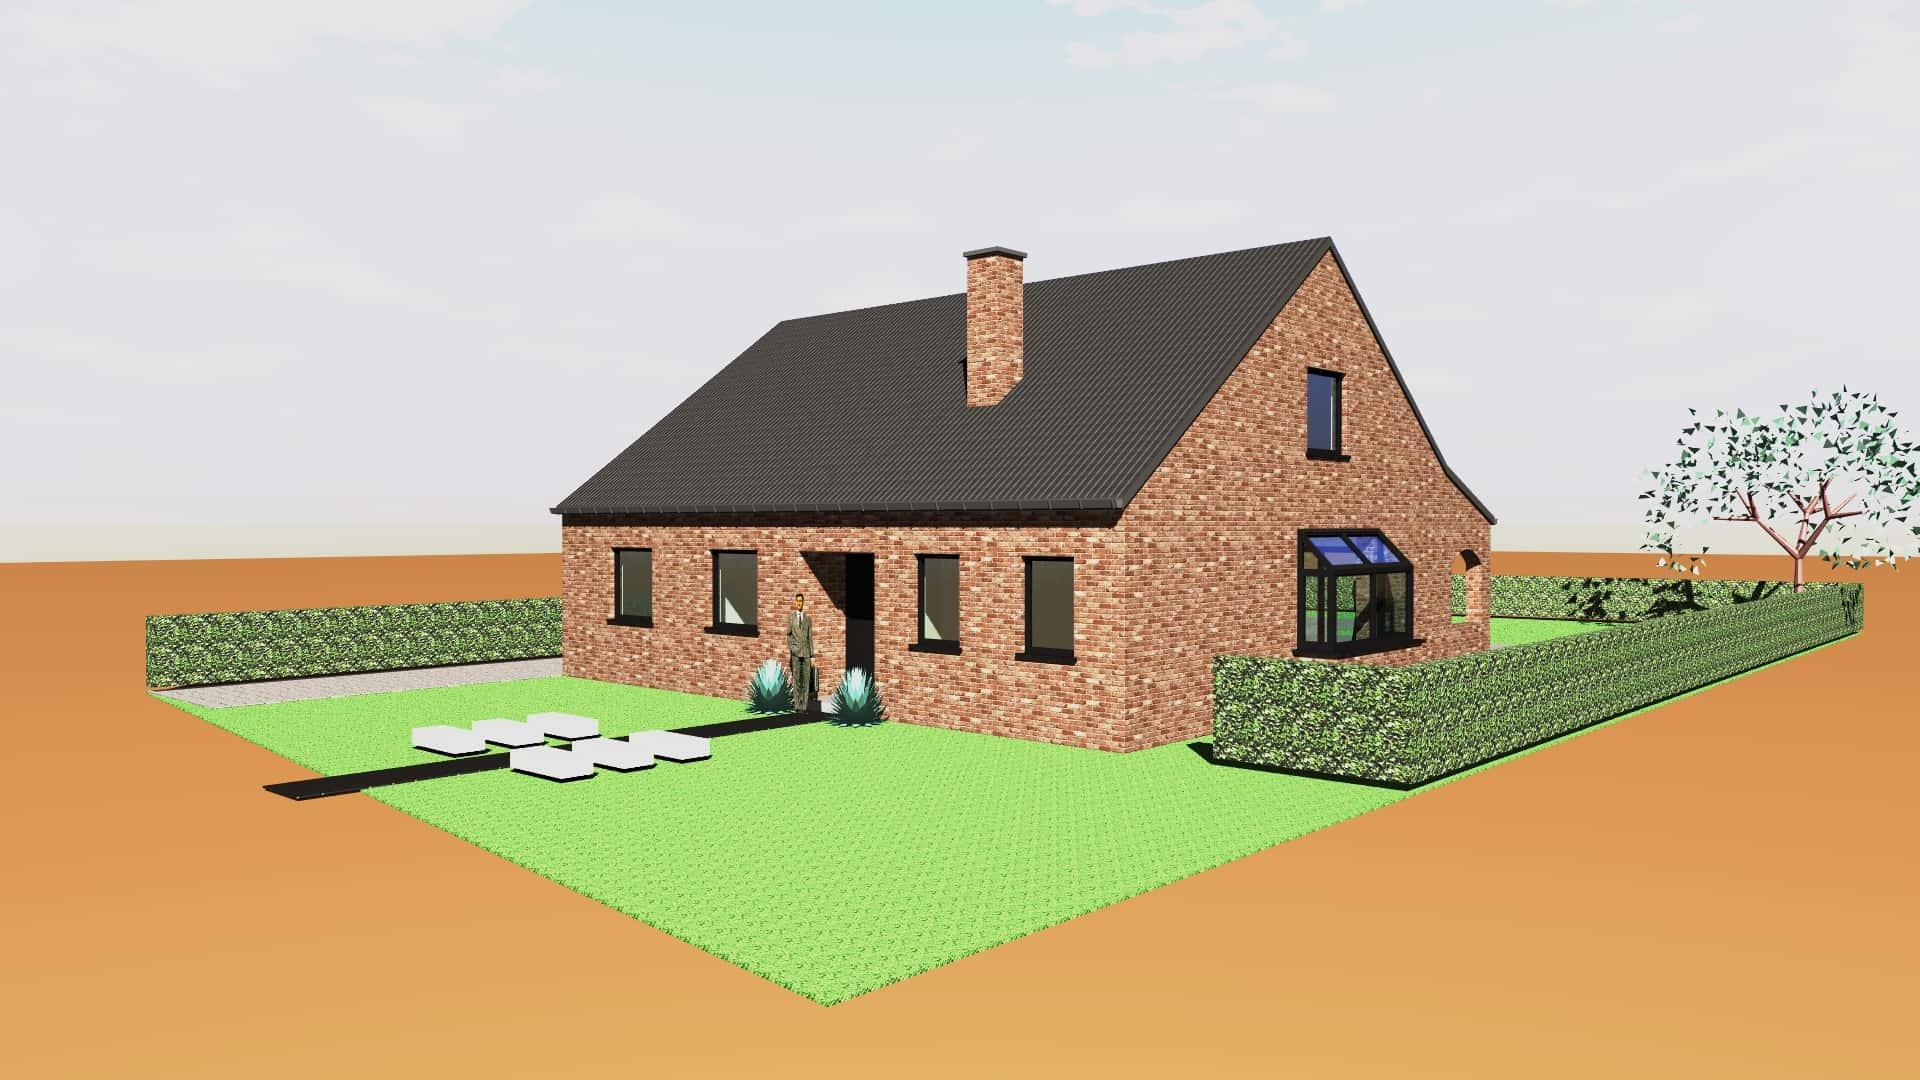 Detail afbeelding 2 van G & S   –   Transformatie Fermette tot Strakke woning   –   Zutendaal | Ontwerp door architect Patrick Strackx